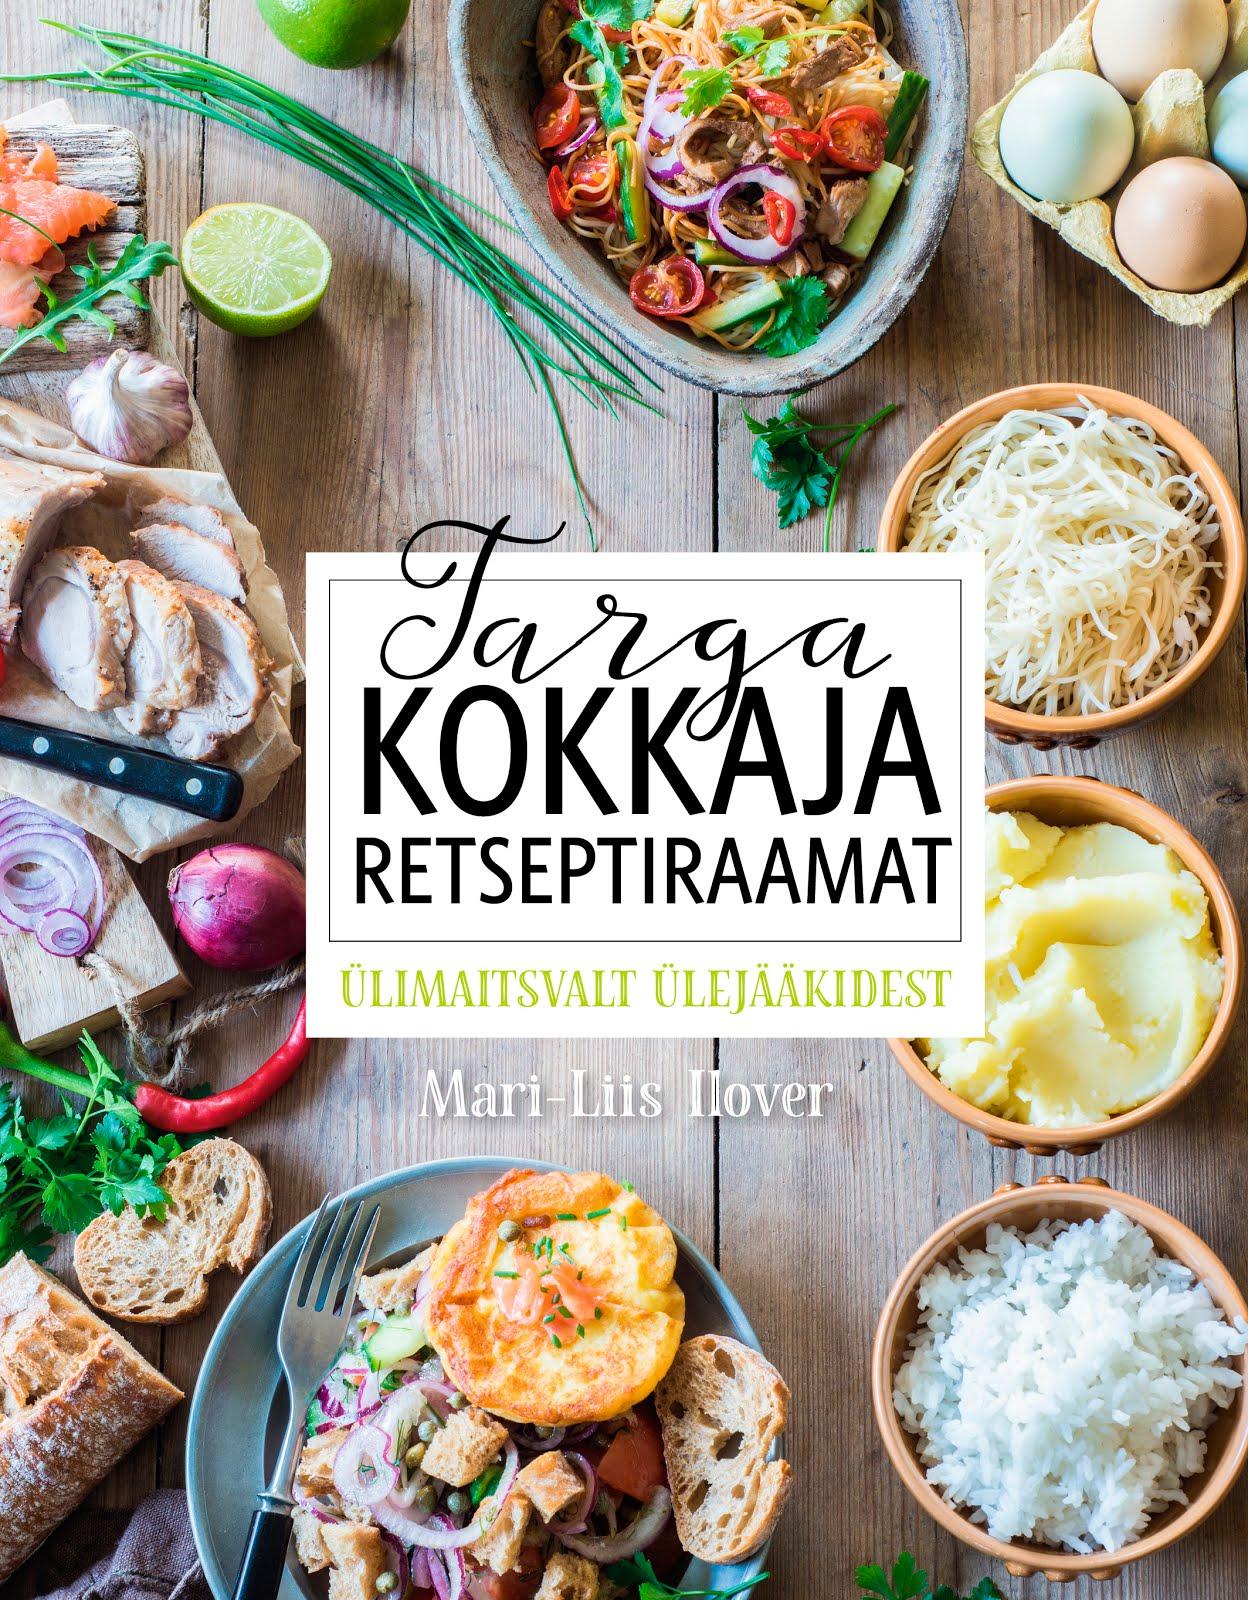 Mari-Liis Ilover raamat Targa Kokkaja Retseptiraamat - Ülimaitsvalt ülejääkidest